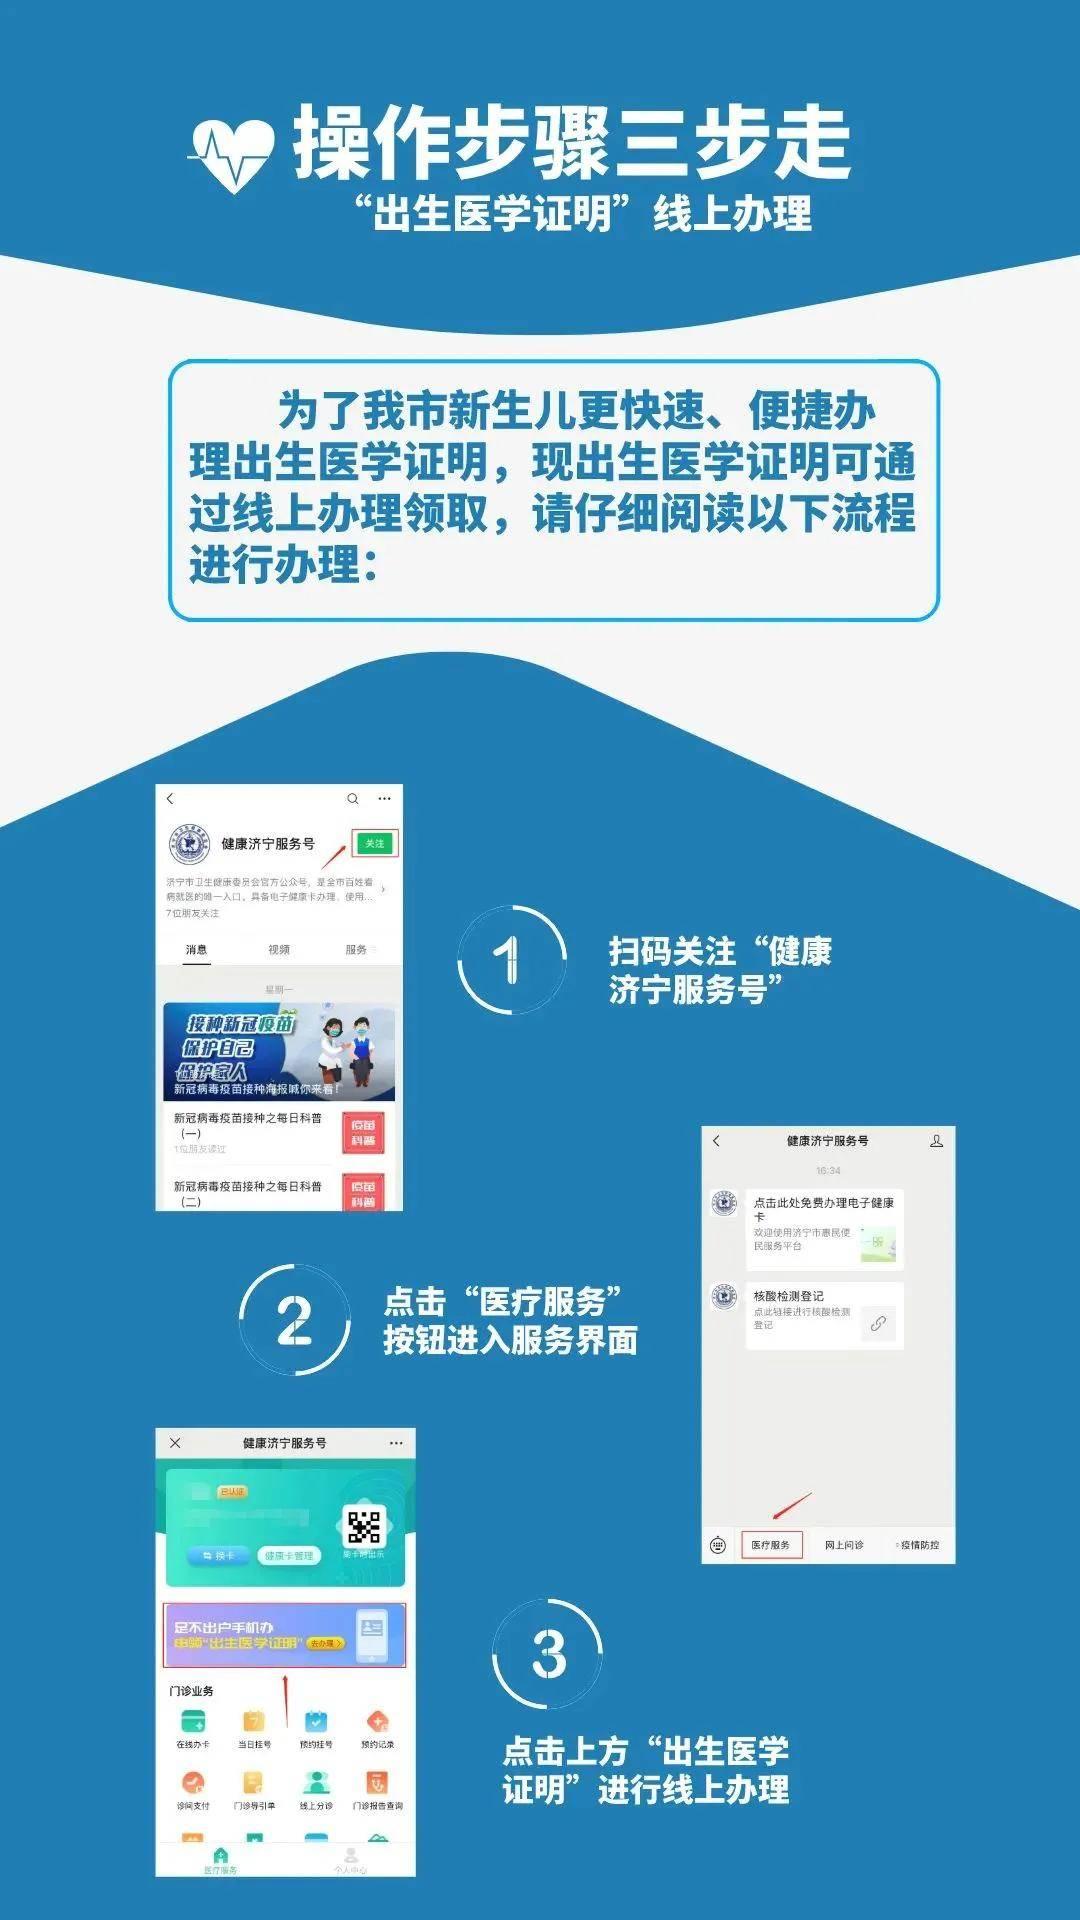 @济宁宝爸宝妈 这项证明可线上办理-家庭网